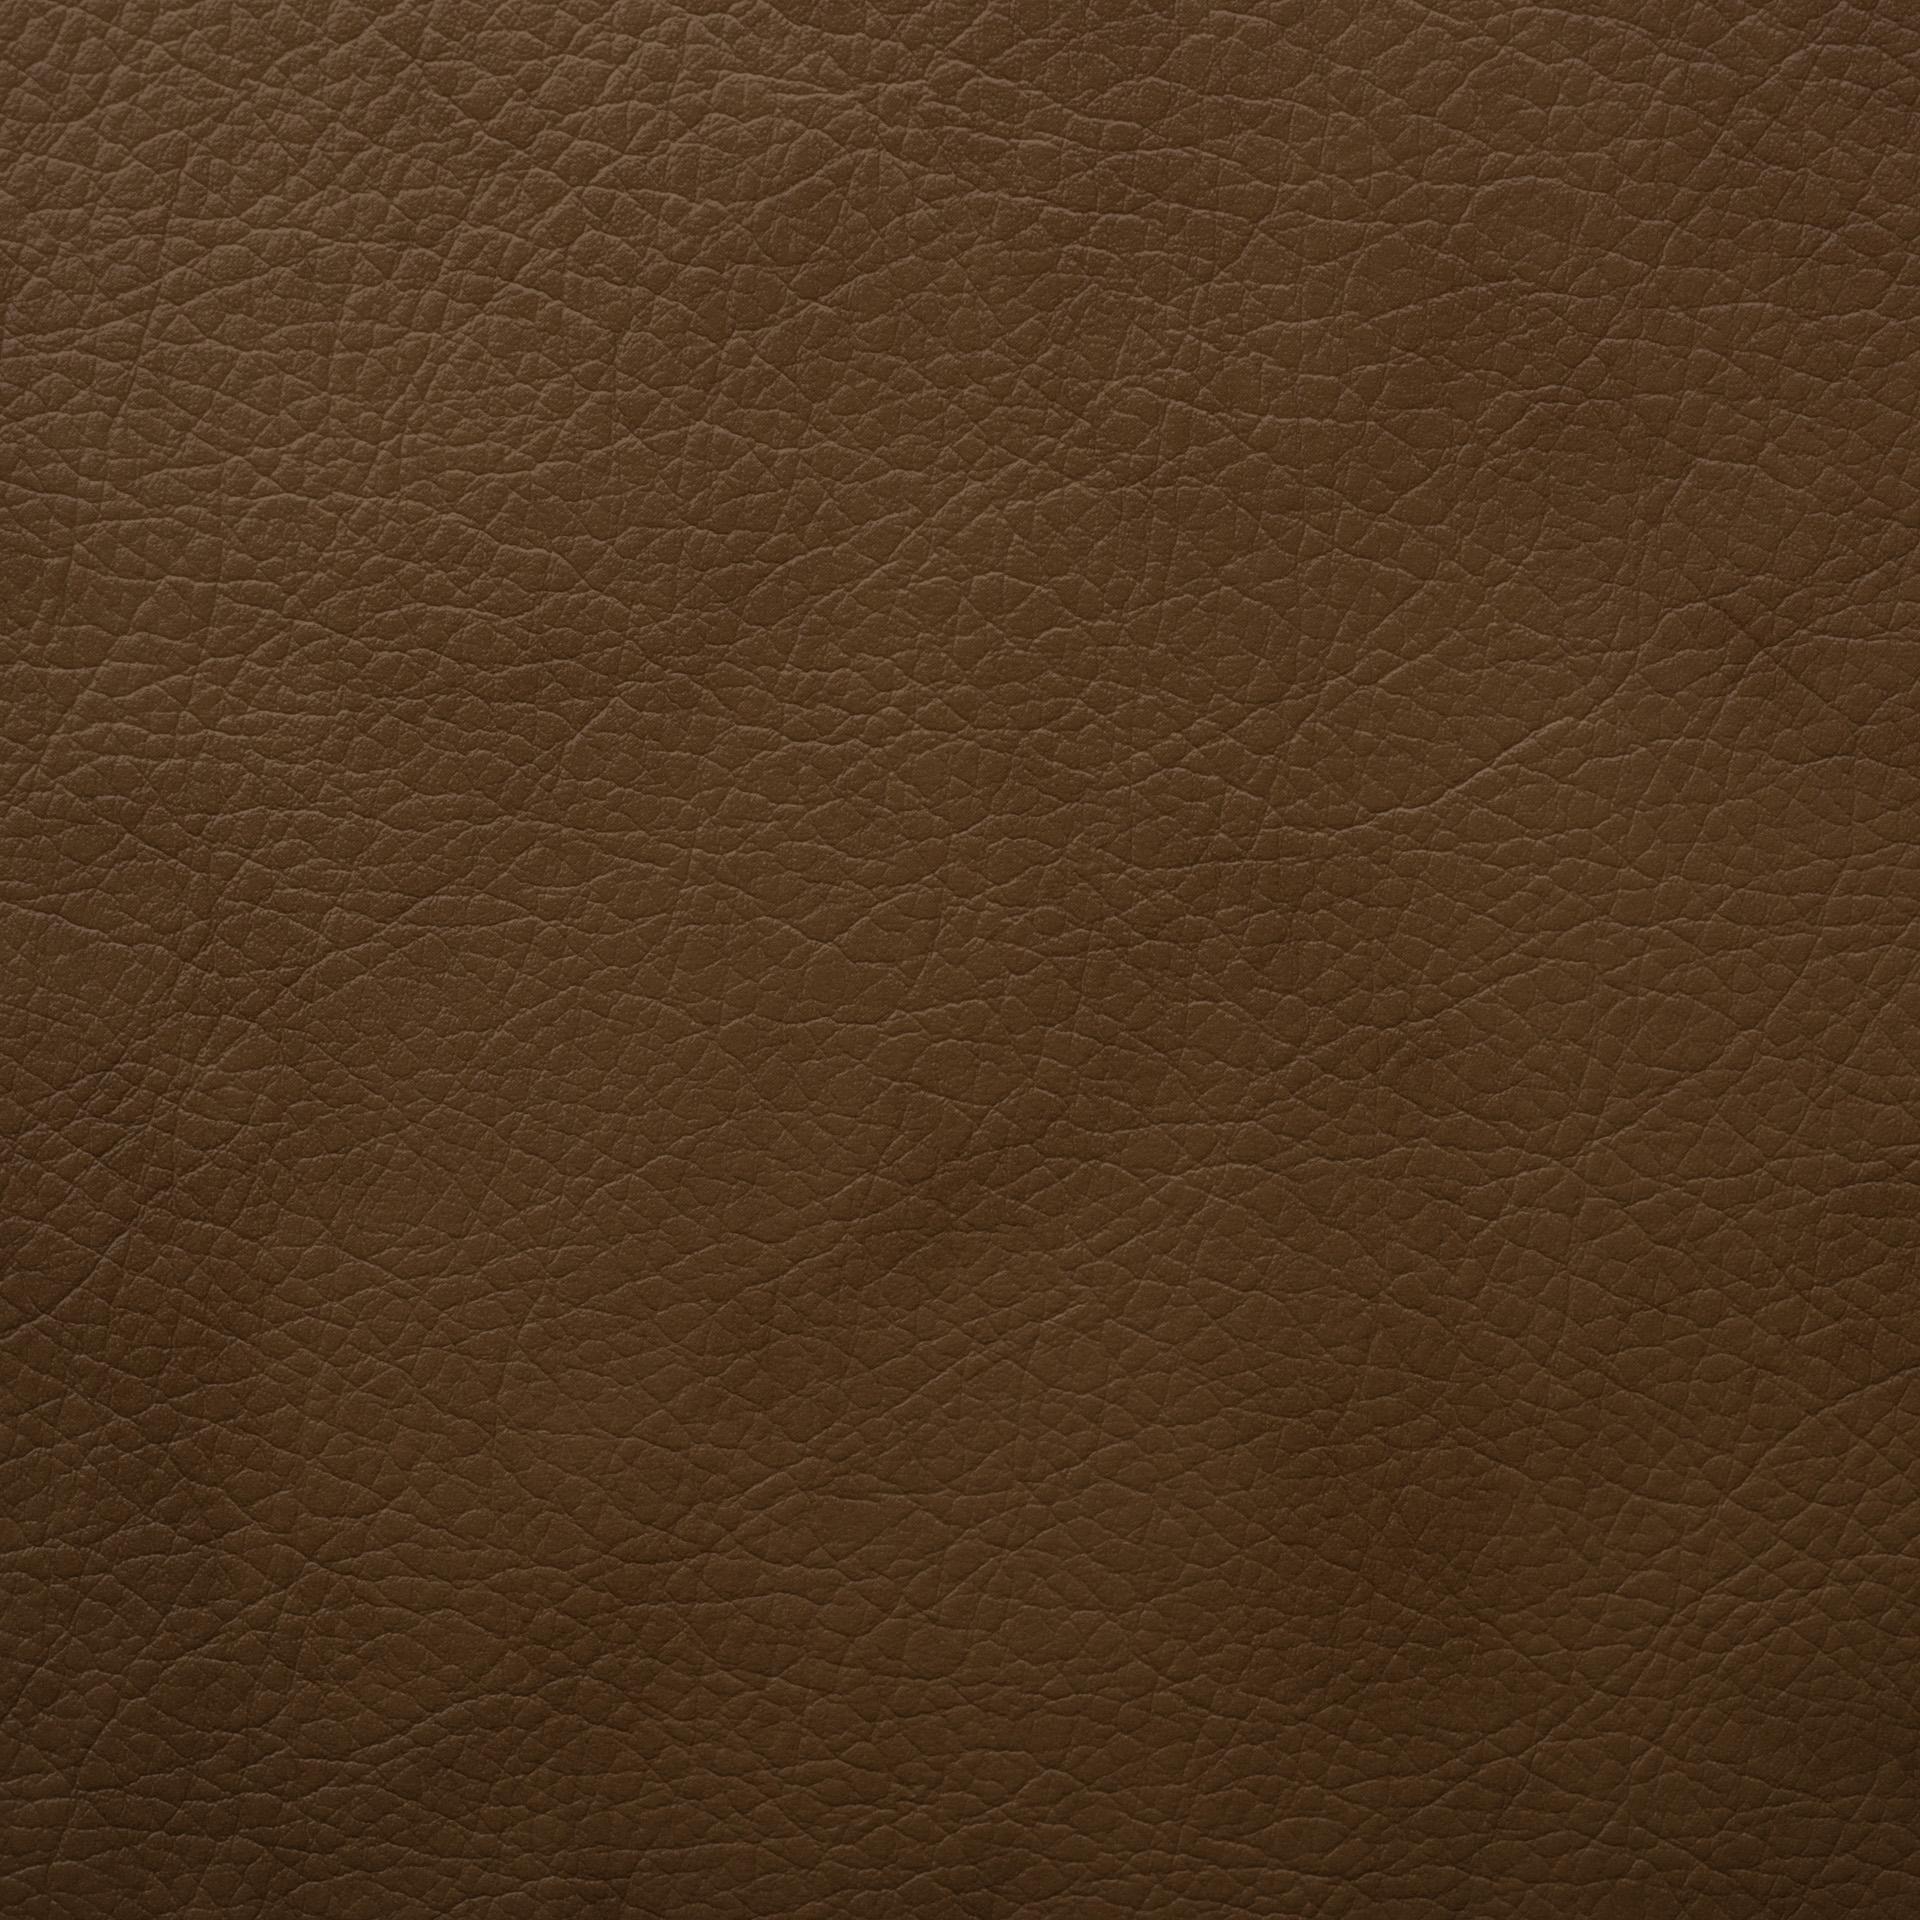 Коллекция ткани Титан CREAM,  купить ткань Кож зам для мебели Украина